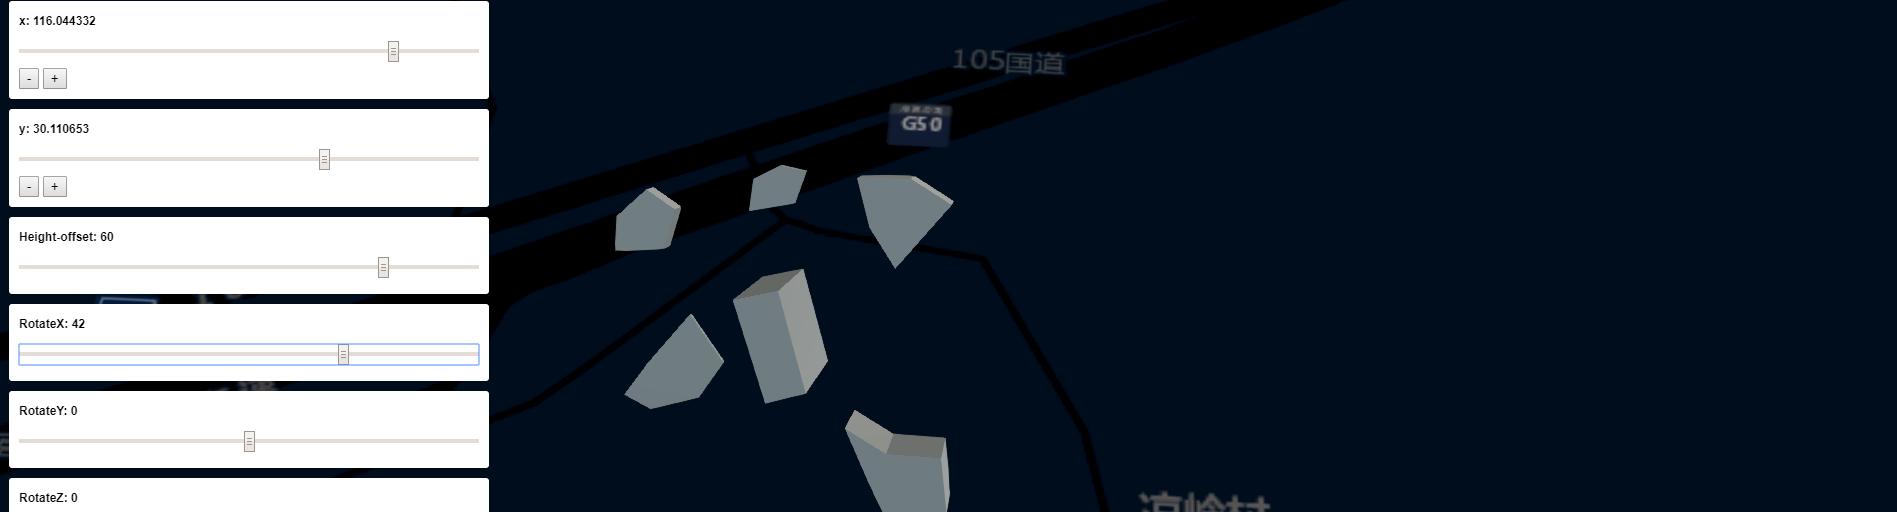 Bf6880e1d307575af53d649595a8d1e2